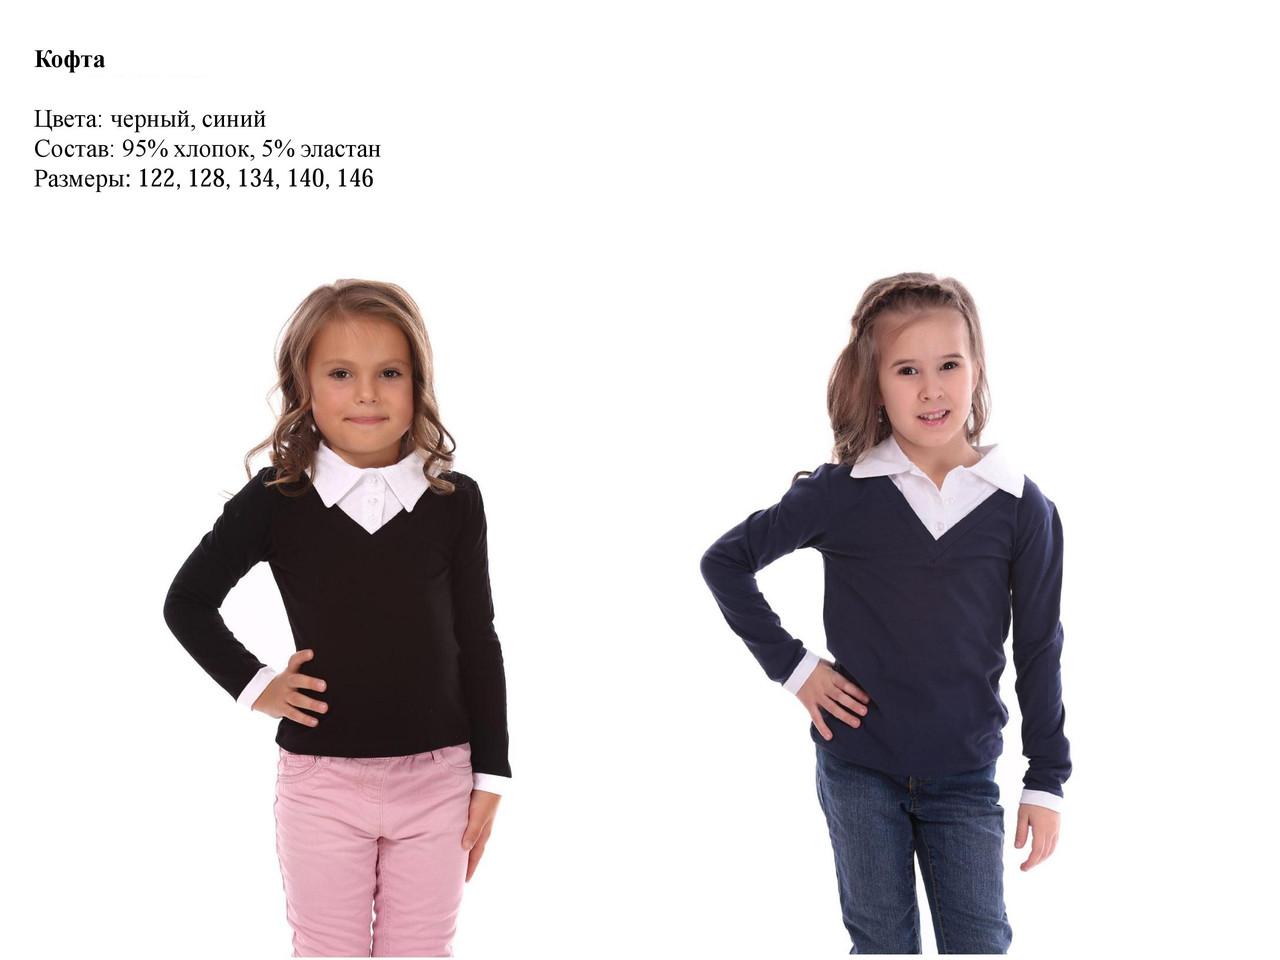 Школьная блуза для девочки Уголок Размер 122 - 146 см